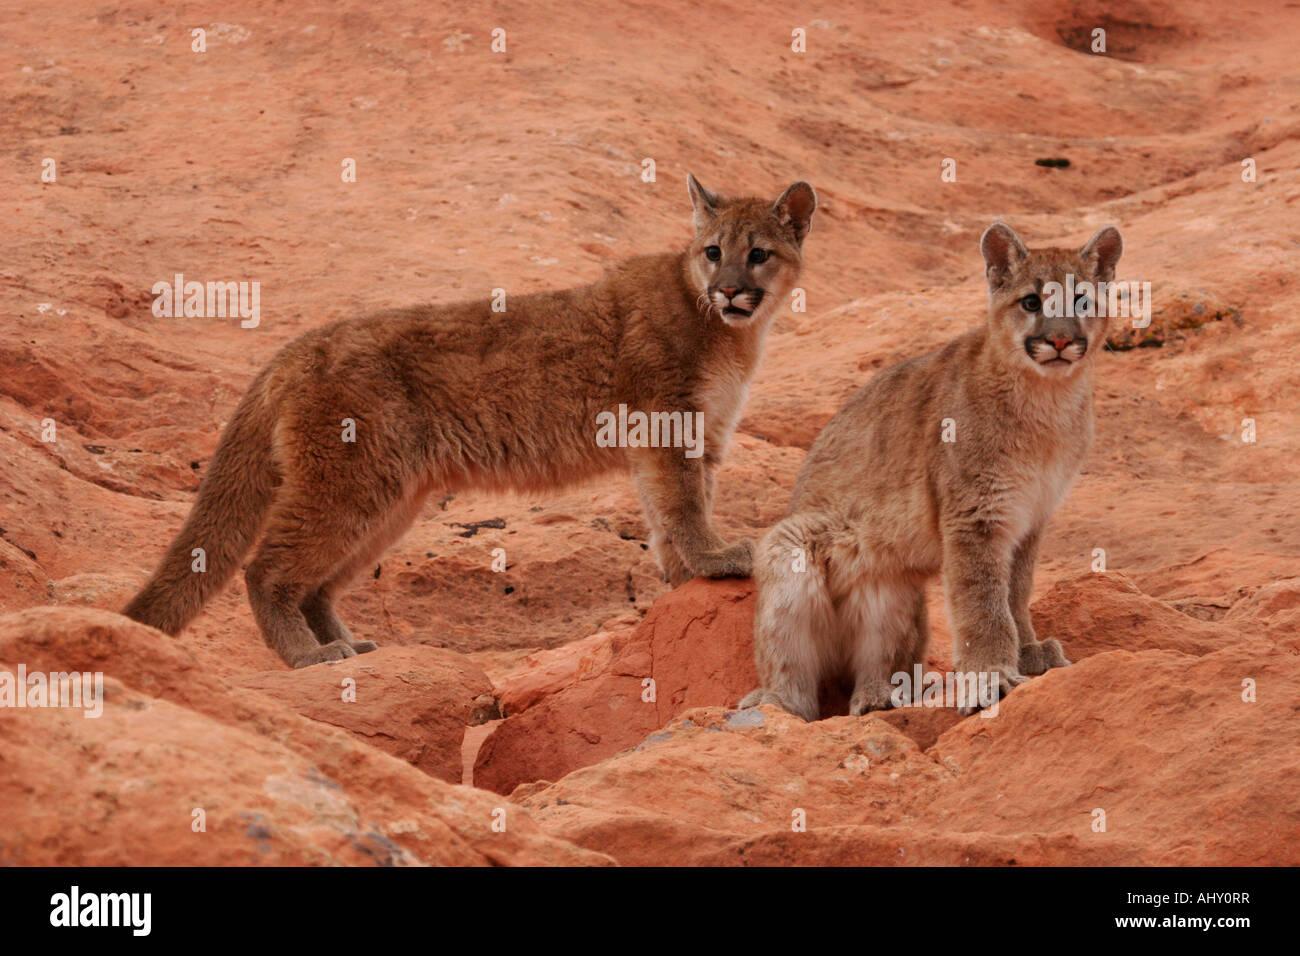 desert cougars